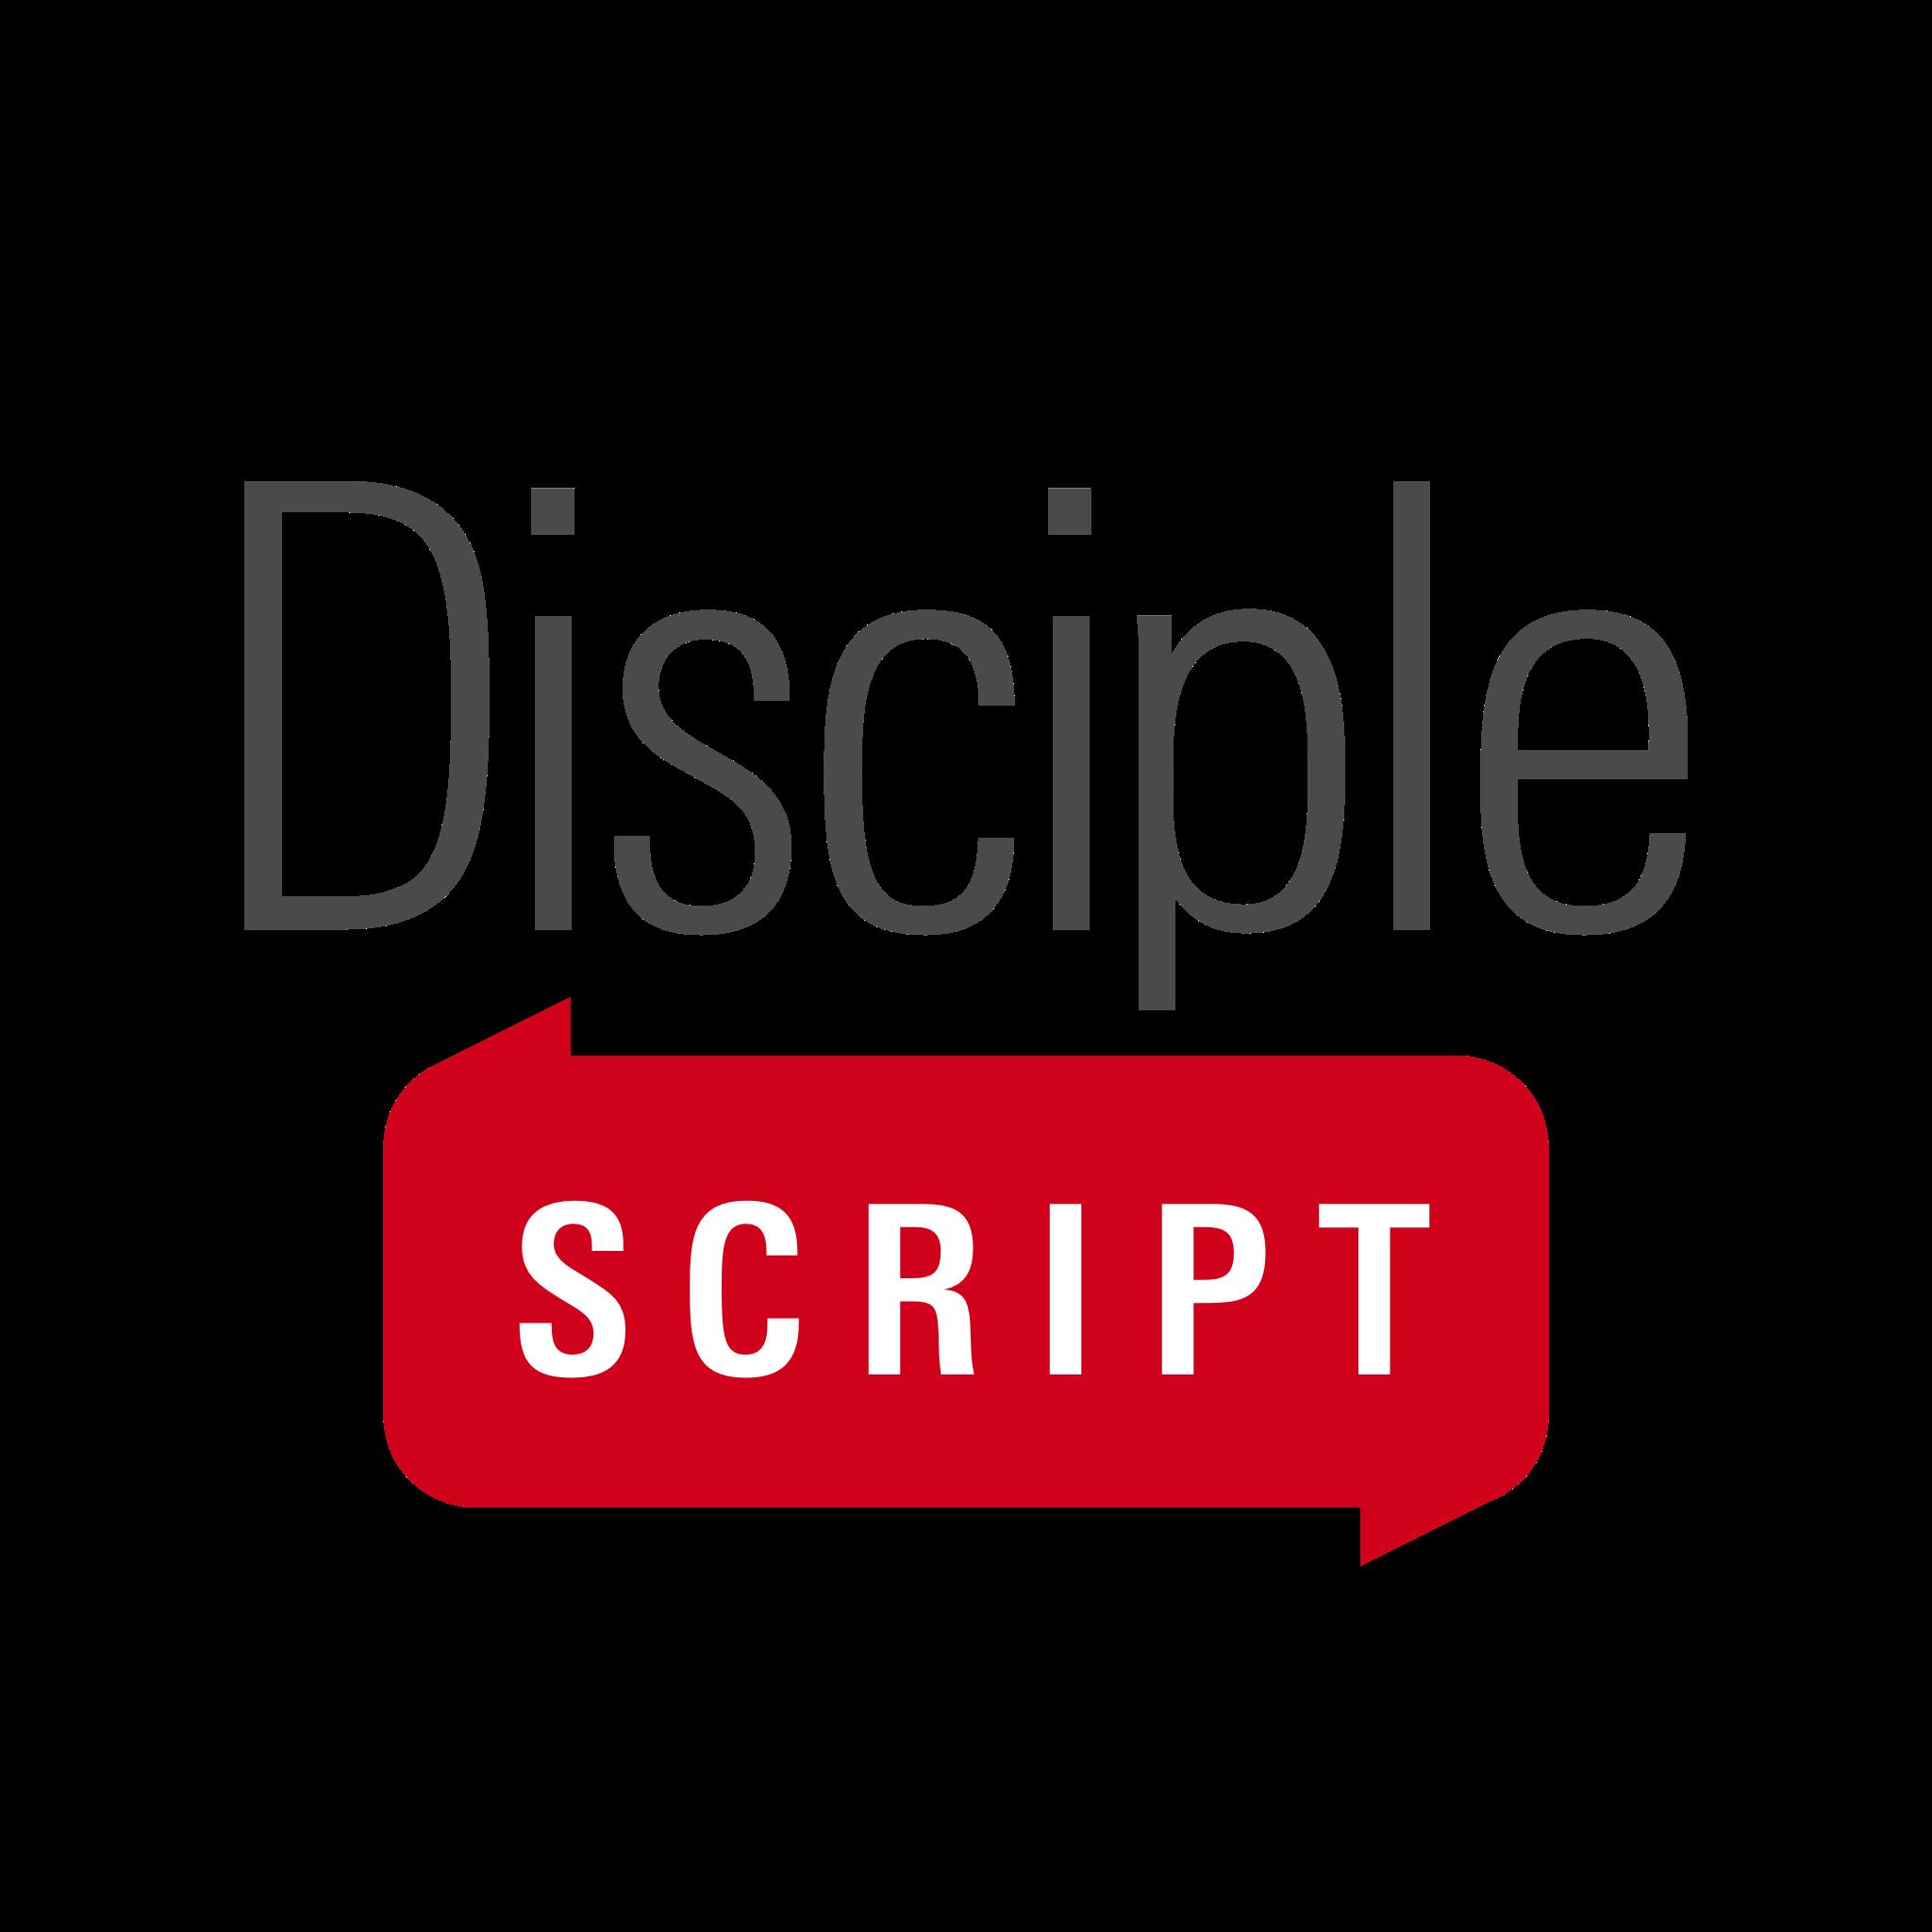 DiscipleScript Wordmark